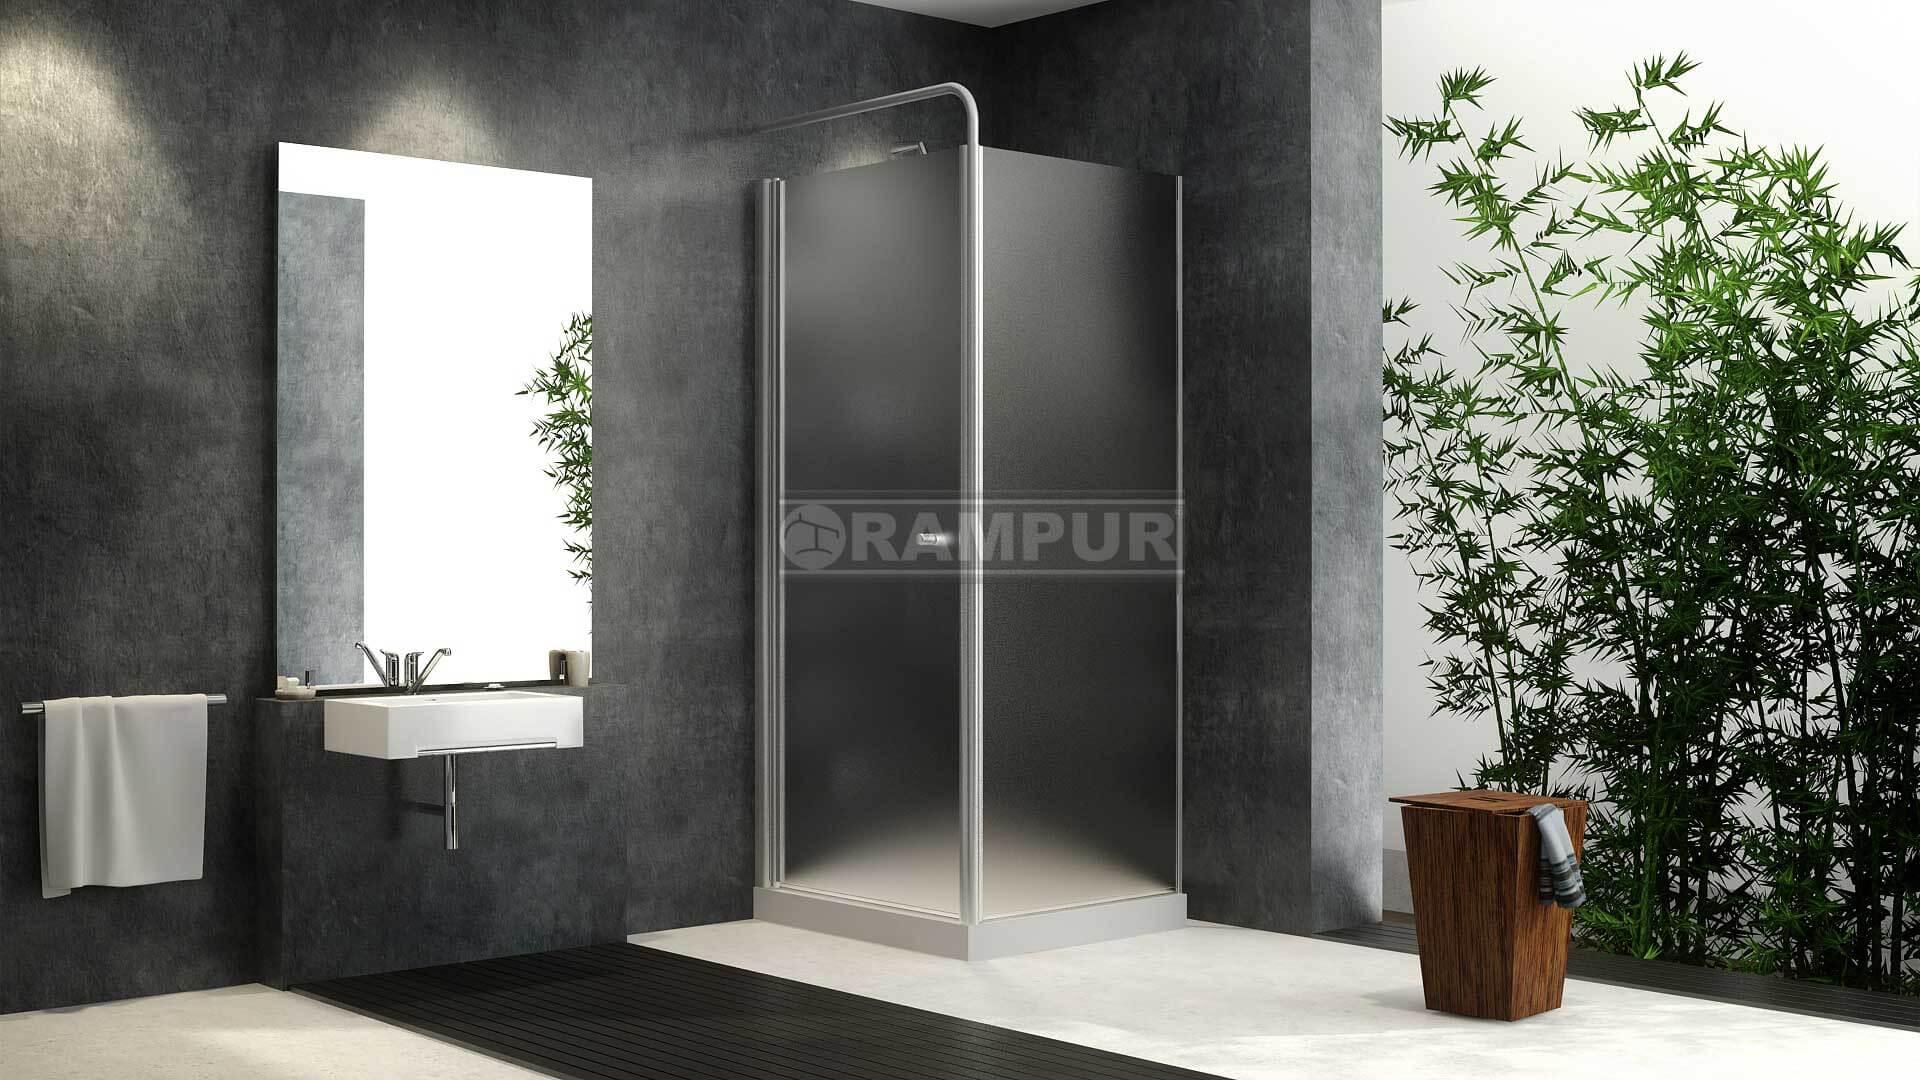 Rampur cabinas para duchas de vidrio parana premium for Cabinas de ducha medidas